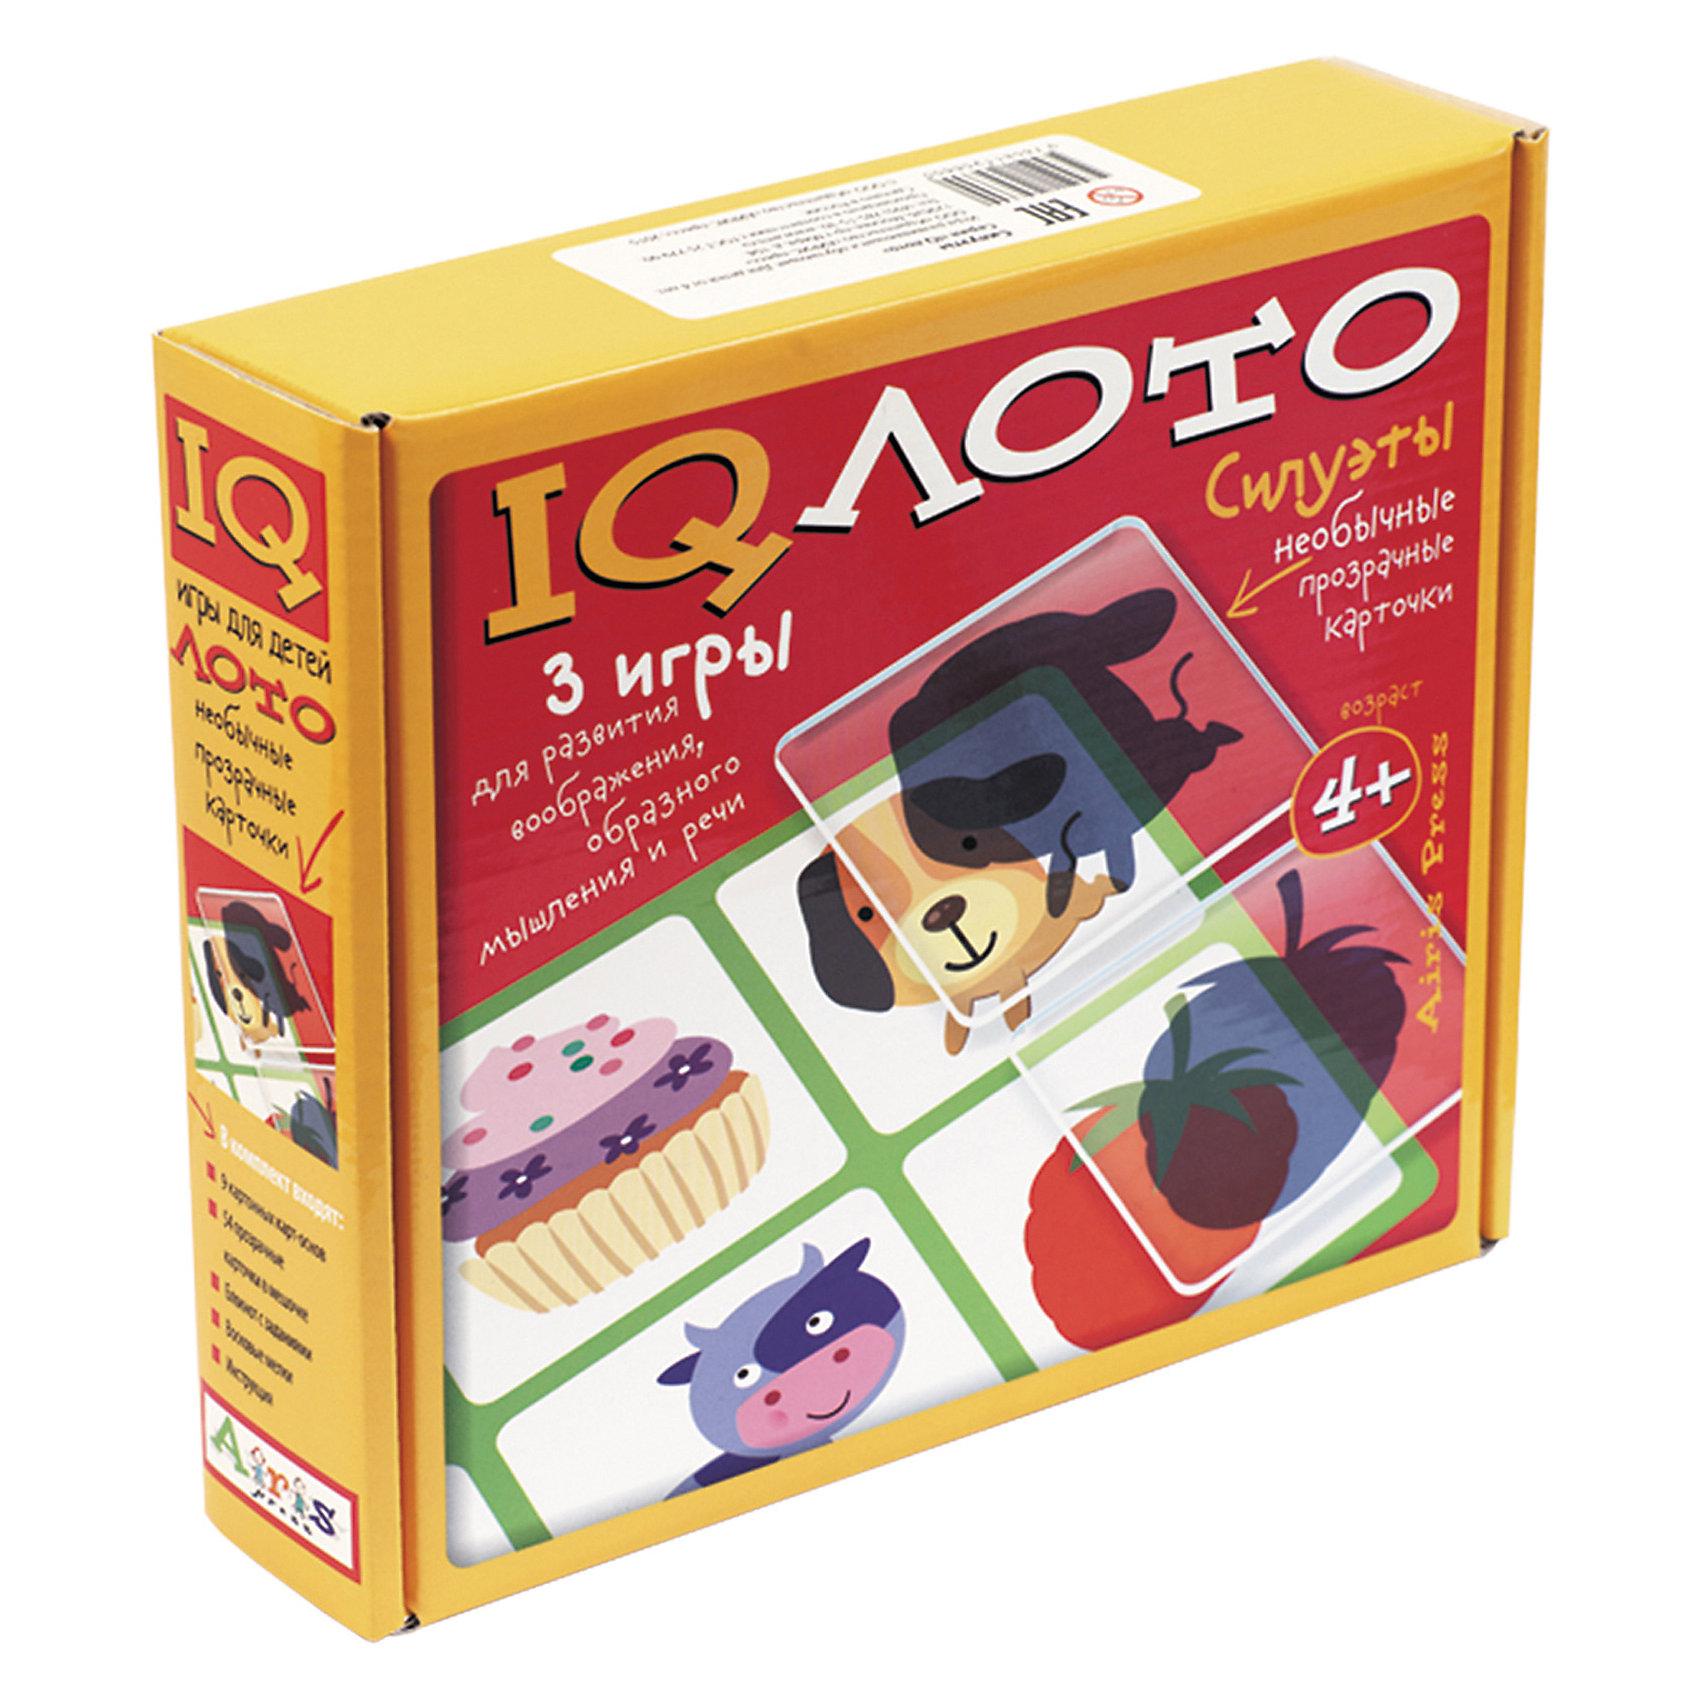 Лото Силуэты, комплект из трех игр, 4+Лото<br>Набор «Силуэты» – это комплект из трёх развивающих игр. В него входят: 9 картонных двухсторонних карт с рисунками, 54 прозрачные пластиковые карточки в мешочке, блокнот с творческими заданиями и набор цветных восковых мелков.&#13;<br>Играя в интеллектуальное лото, ребёнок будет соотносить предмет и его проекцию, выделять детали образа, формировать образ по силуэту. Выполняя задания игры-головоломки, он учится замечать, рассматривать и запоминать детали; исправляет «ошибки» художника; фантазирует, придумывая истории на основе любимых сказок. Используя блокнот для творчества ребёнок создаёт новые образы, развивает художественное восприятие и творческие способности. Набор прекрасно подходит как для игры одного ребёнка, так и для работы с группой детей. Многофункциональность и удобство набора позволяют использовать его в детском саду, дома и на отдыхе.&#13;<br>Набор предназначен для детей старше 4 лет.<br><br>Ширина мм: 55<br>Глубина мм: 232<br>Высота мм: 205<br>Вес г: 100<br>Возраст от месяцев: 48<br>Возраст до месяцев: 60<br>Пол: Унисекс<br>Возраст: Детский<br>SKU: 6849578